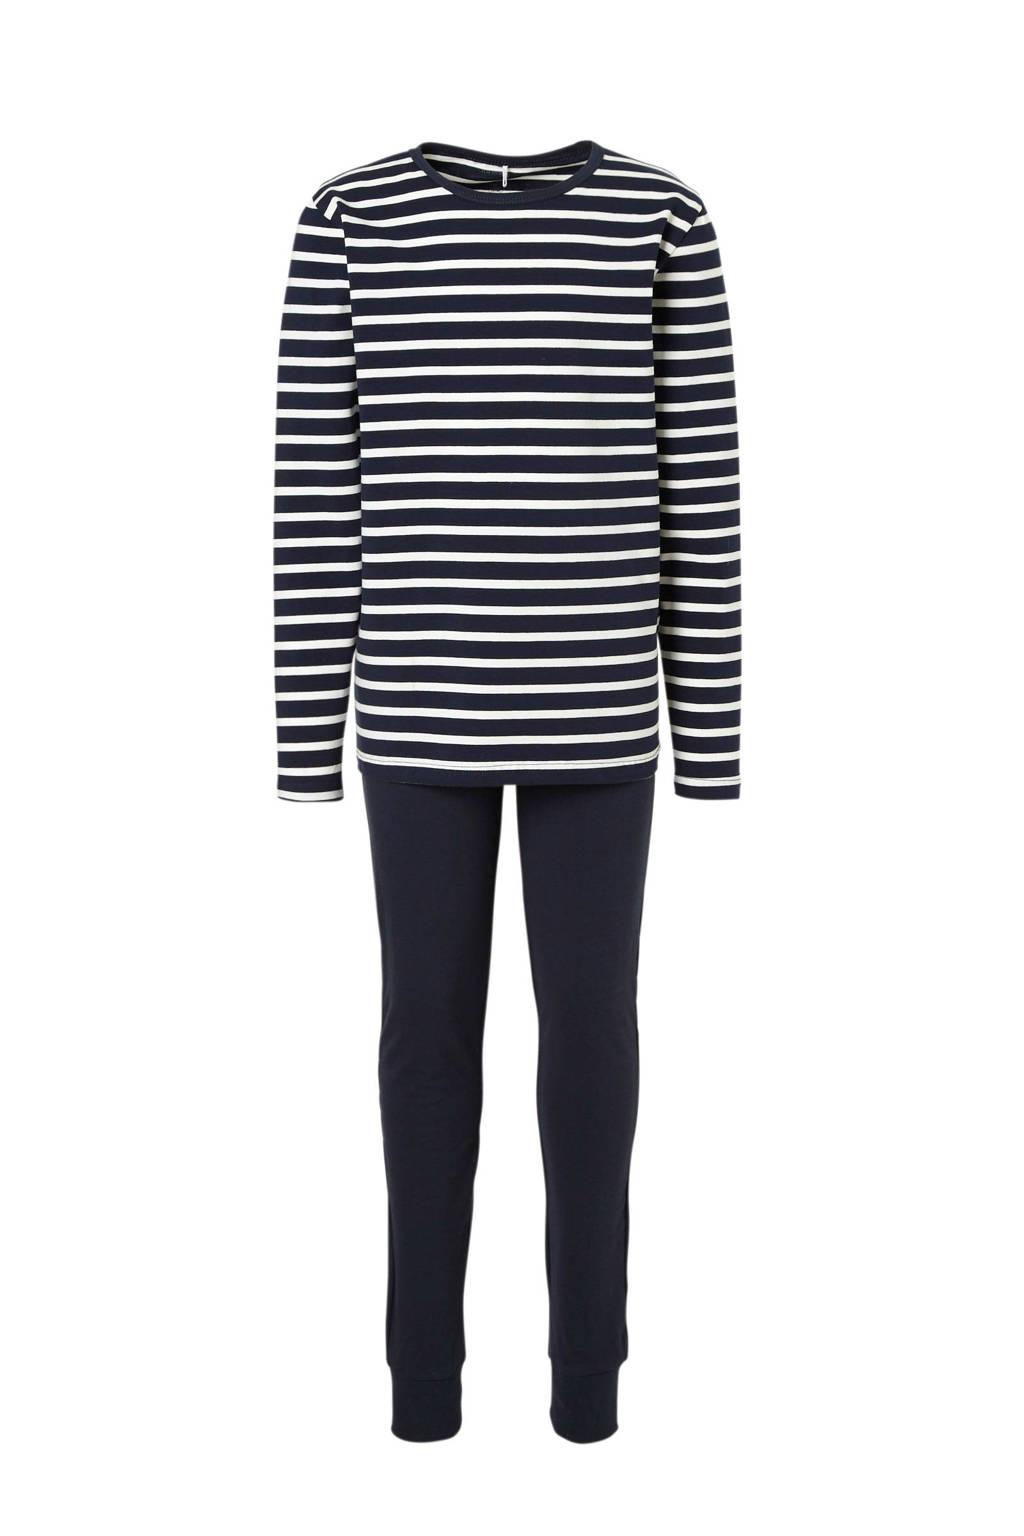 NAME IT   gestreepte pyjama blauw, Donkerblauw/wit